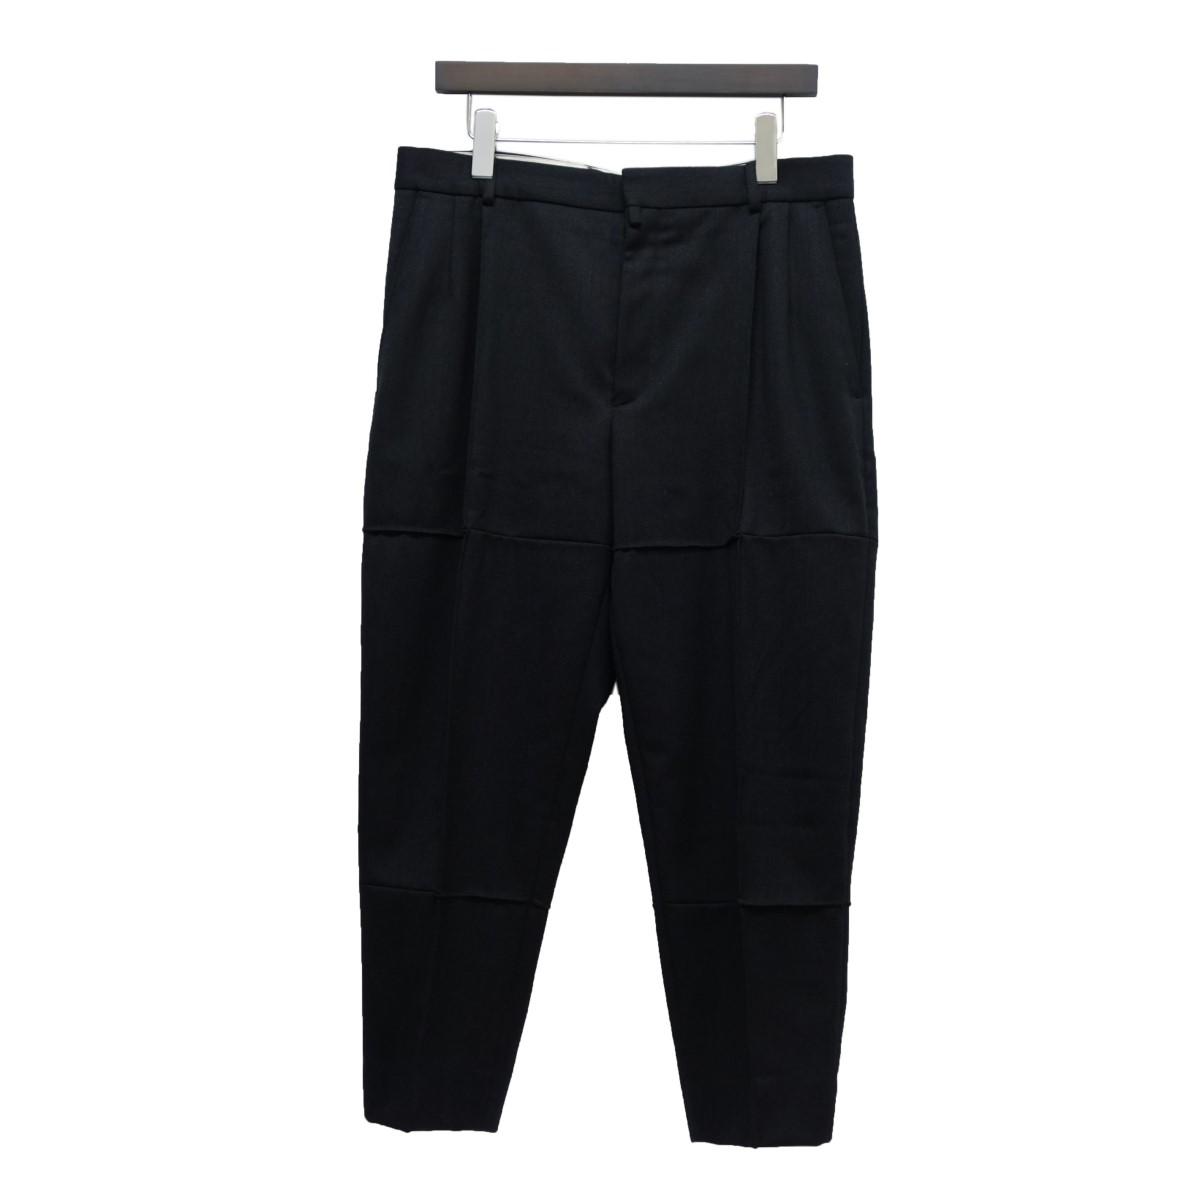 【中古】BOTTER 19SS ウール切替パンツ ブラック サイズ:46 【260420】(ボッター)